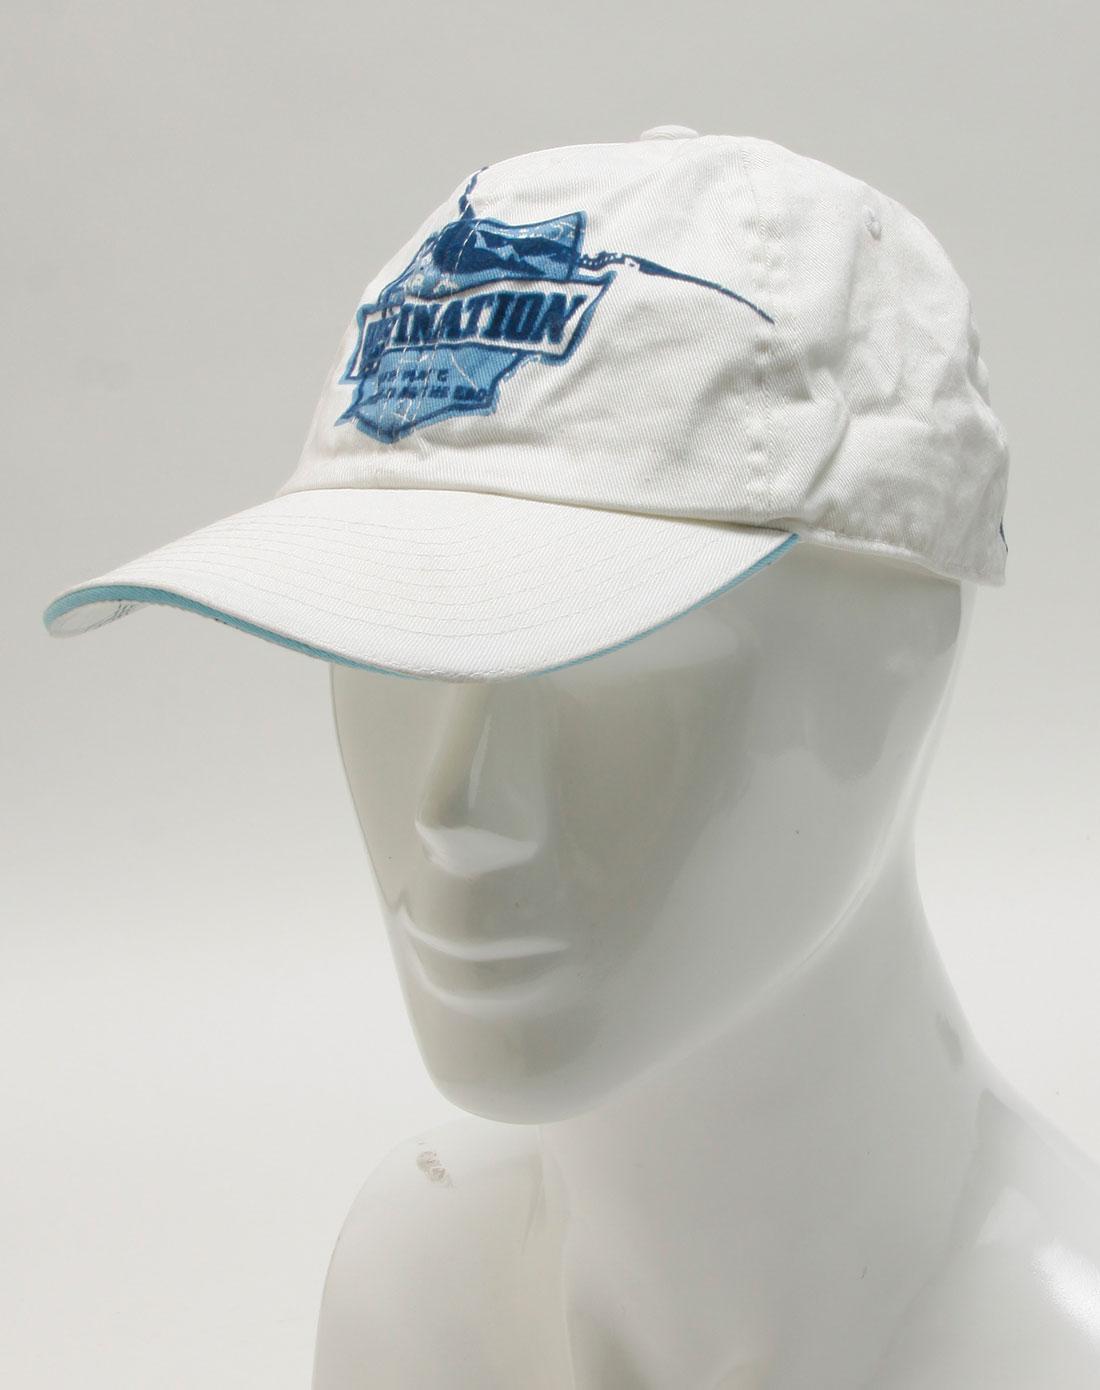 白色蓝刺绣休闲帽子